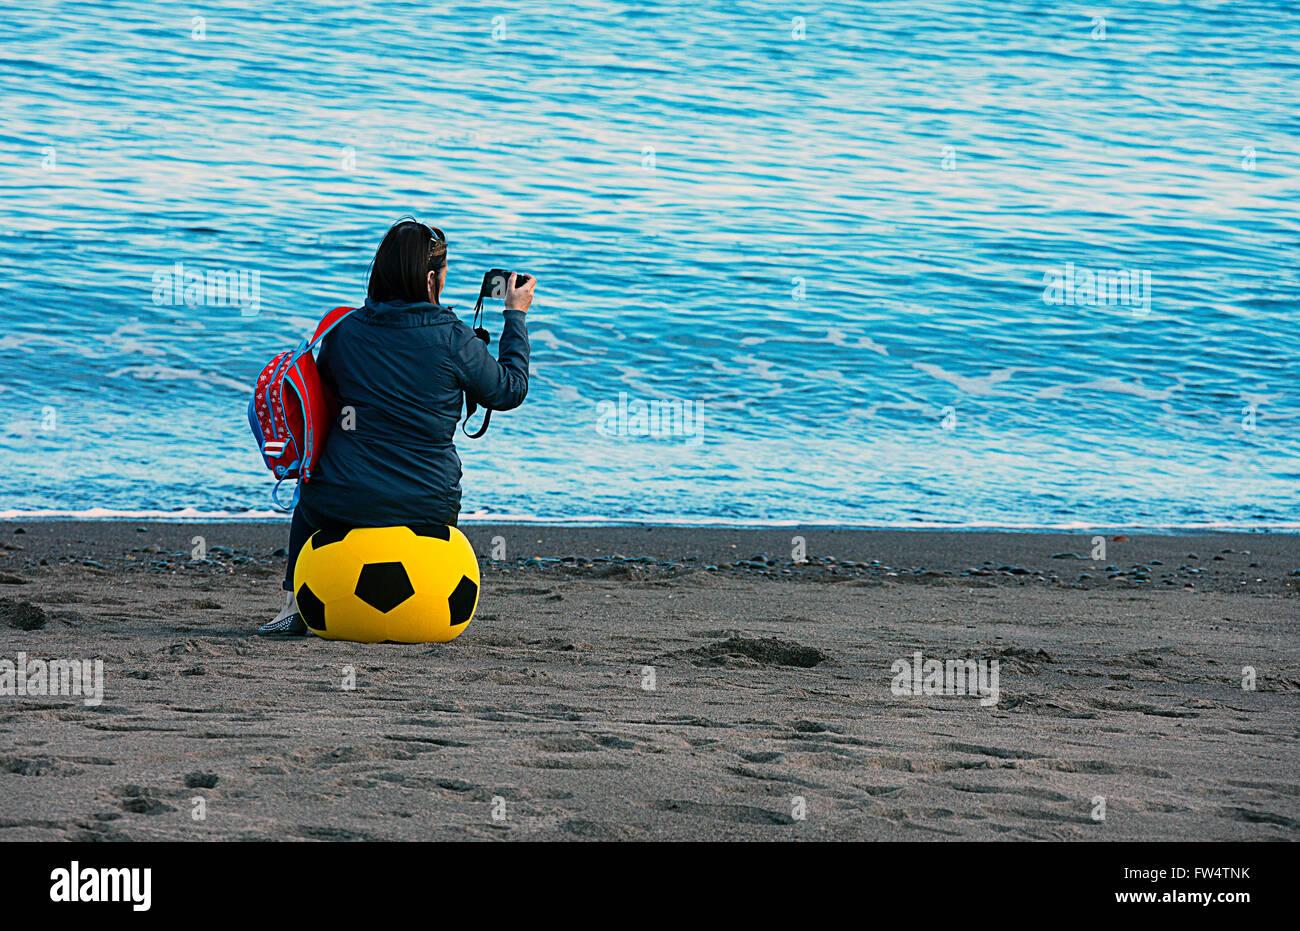 Mädchen sitzen auf sehr große Beach-Ball, ein Foto. Stockfoto